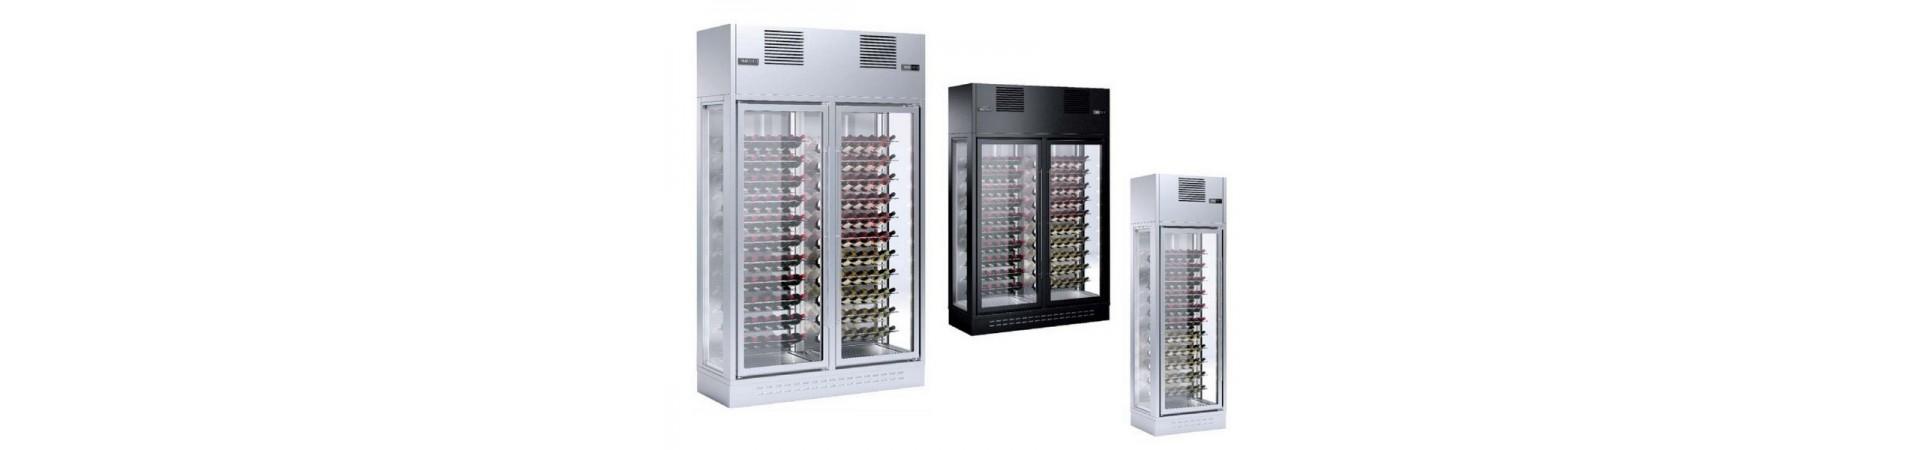 Armarios de vino, Compra hoy armarios bodega , expositores, dos temperaturas con garantía